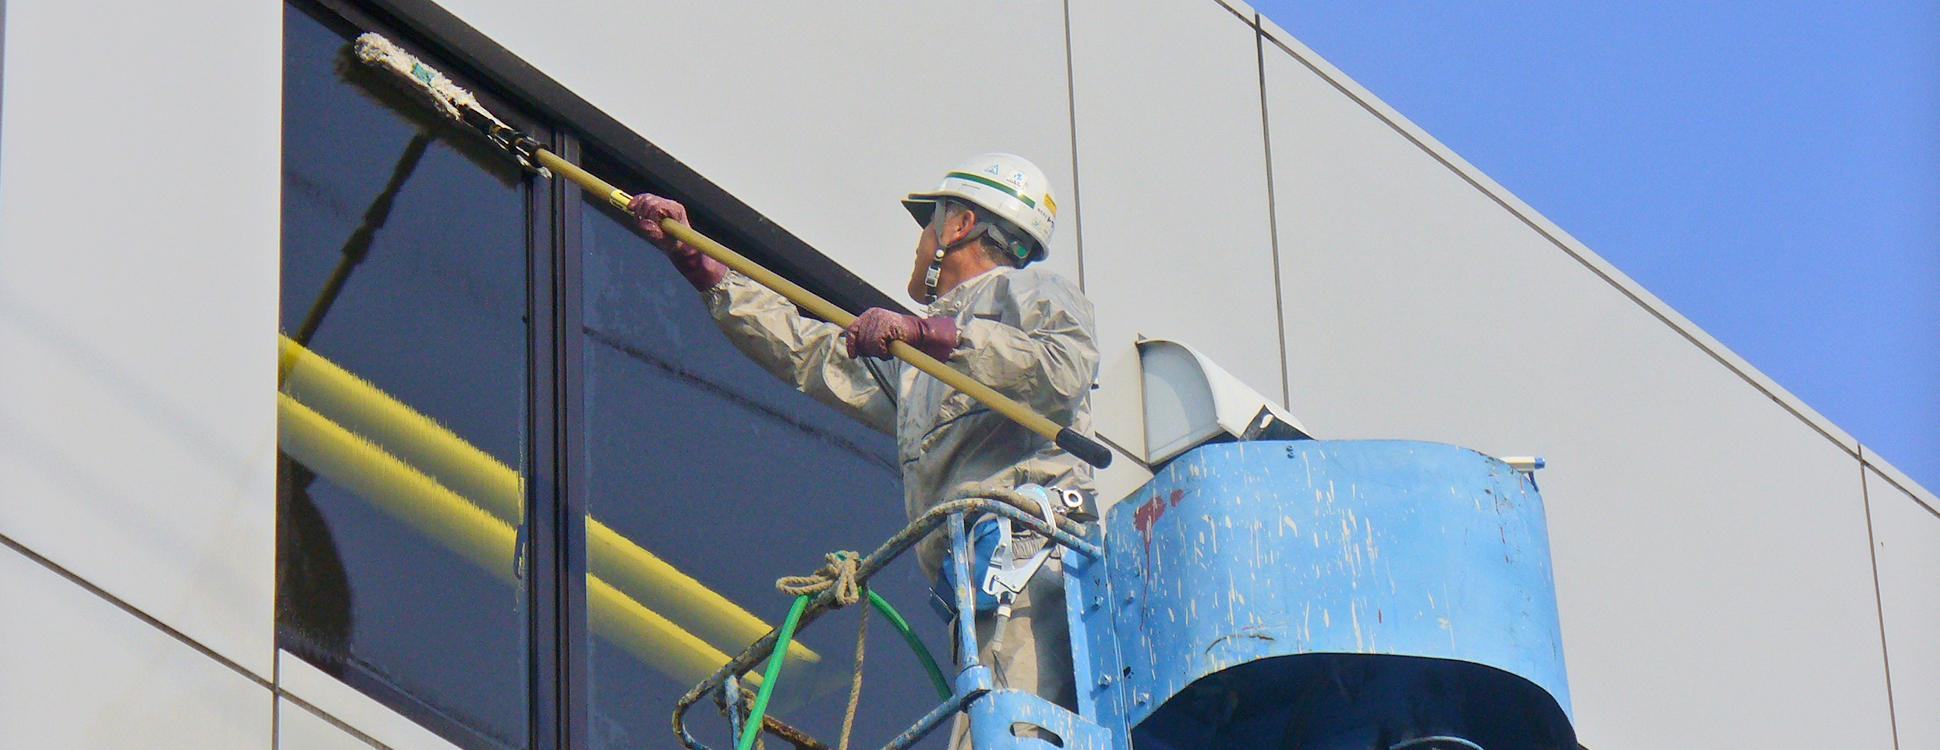 窓清掃業務